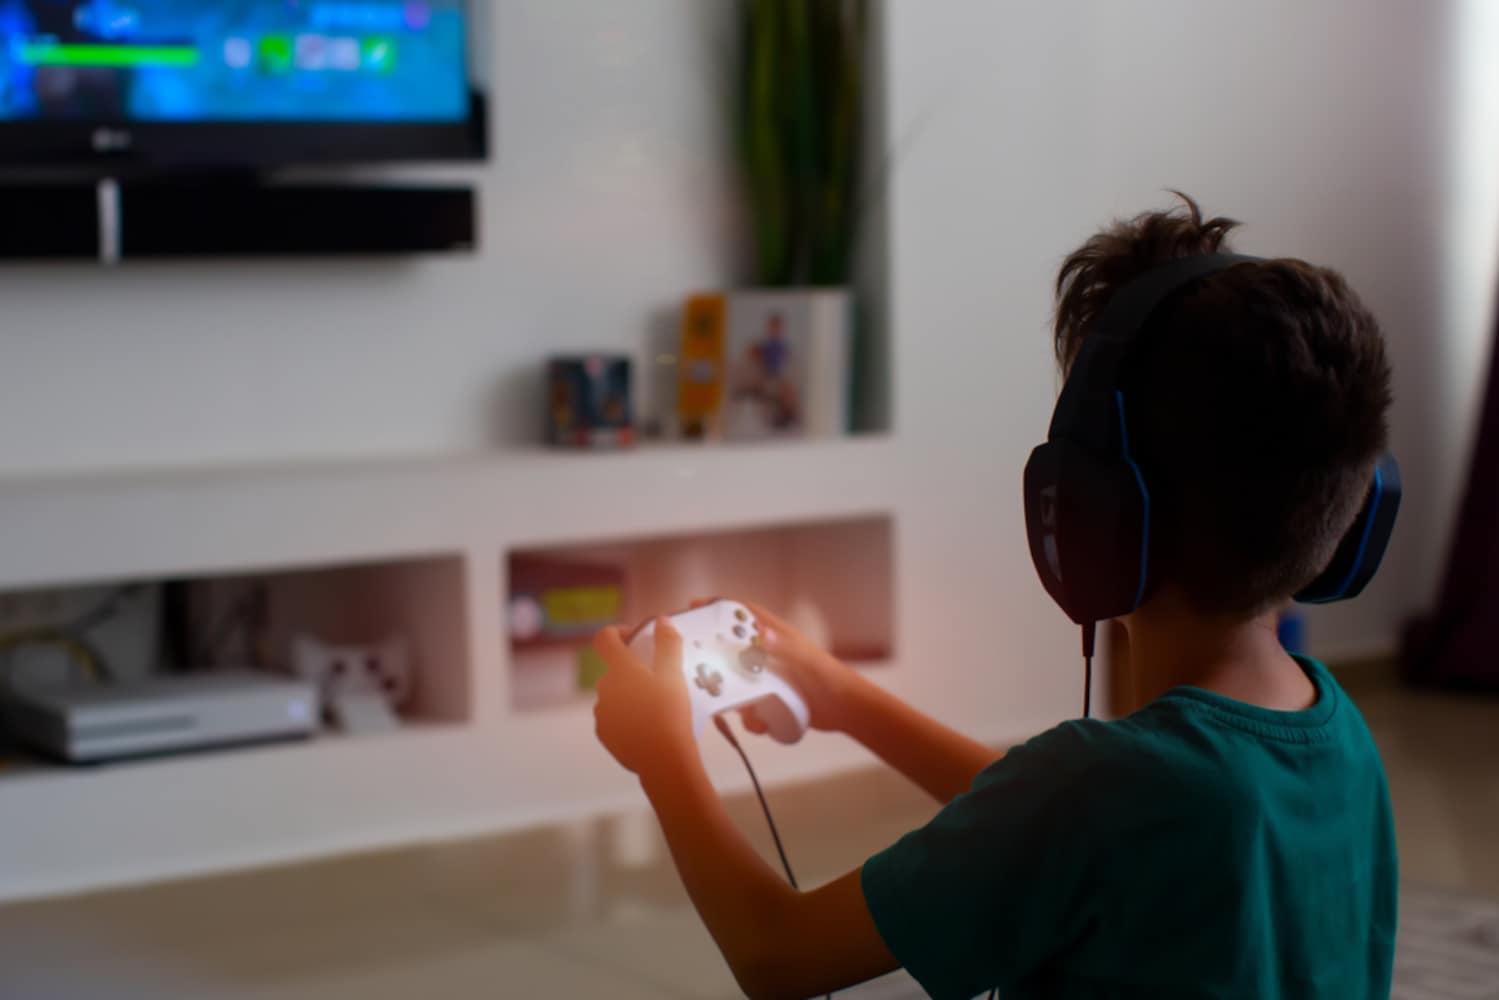 振動機能 没入感を高められる動きのきのあるゲームに最適